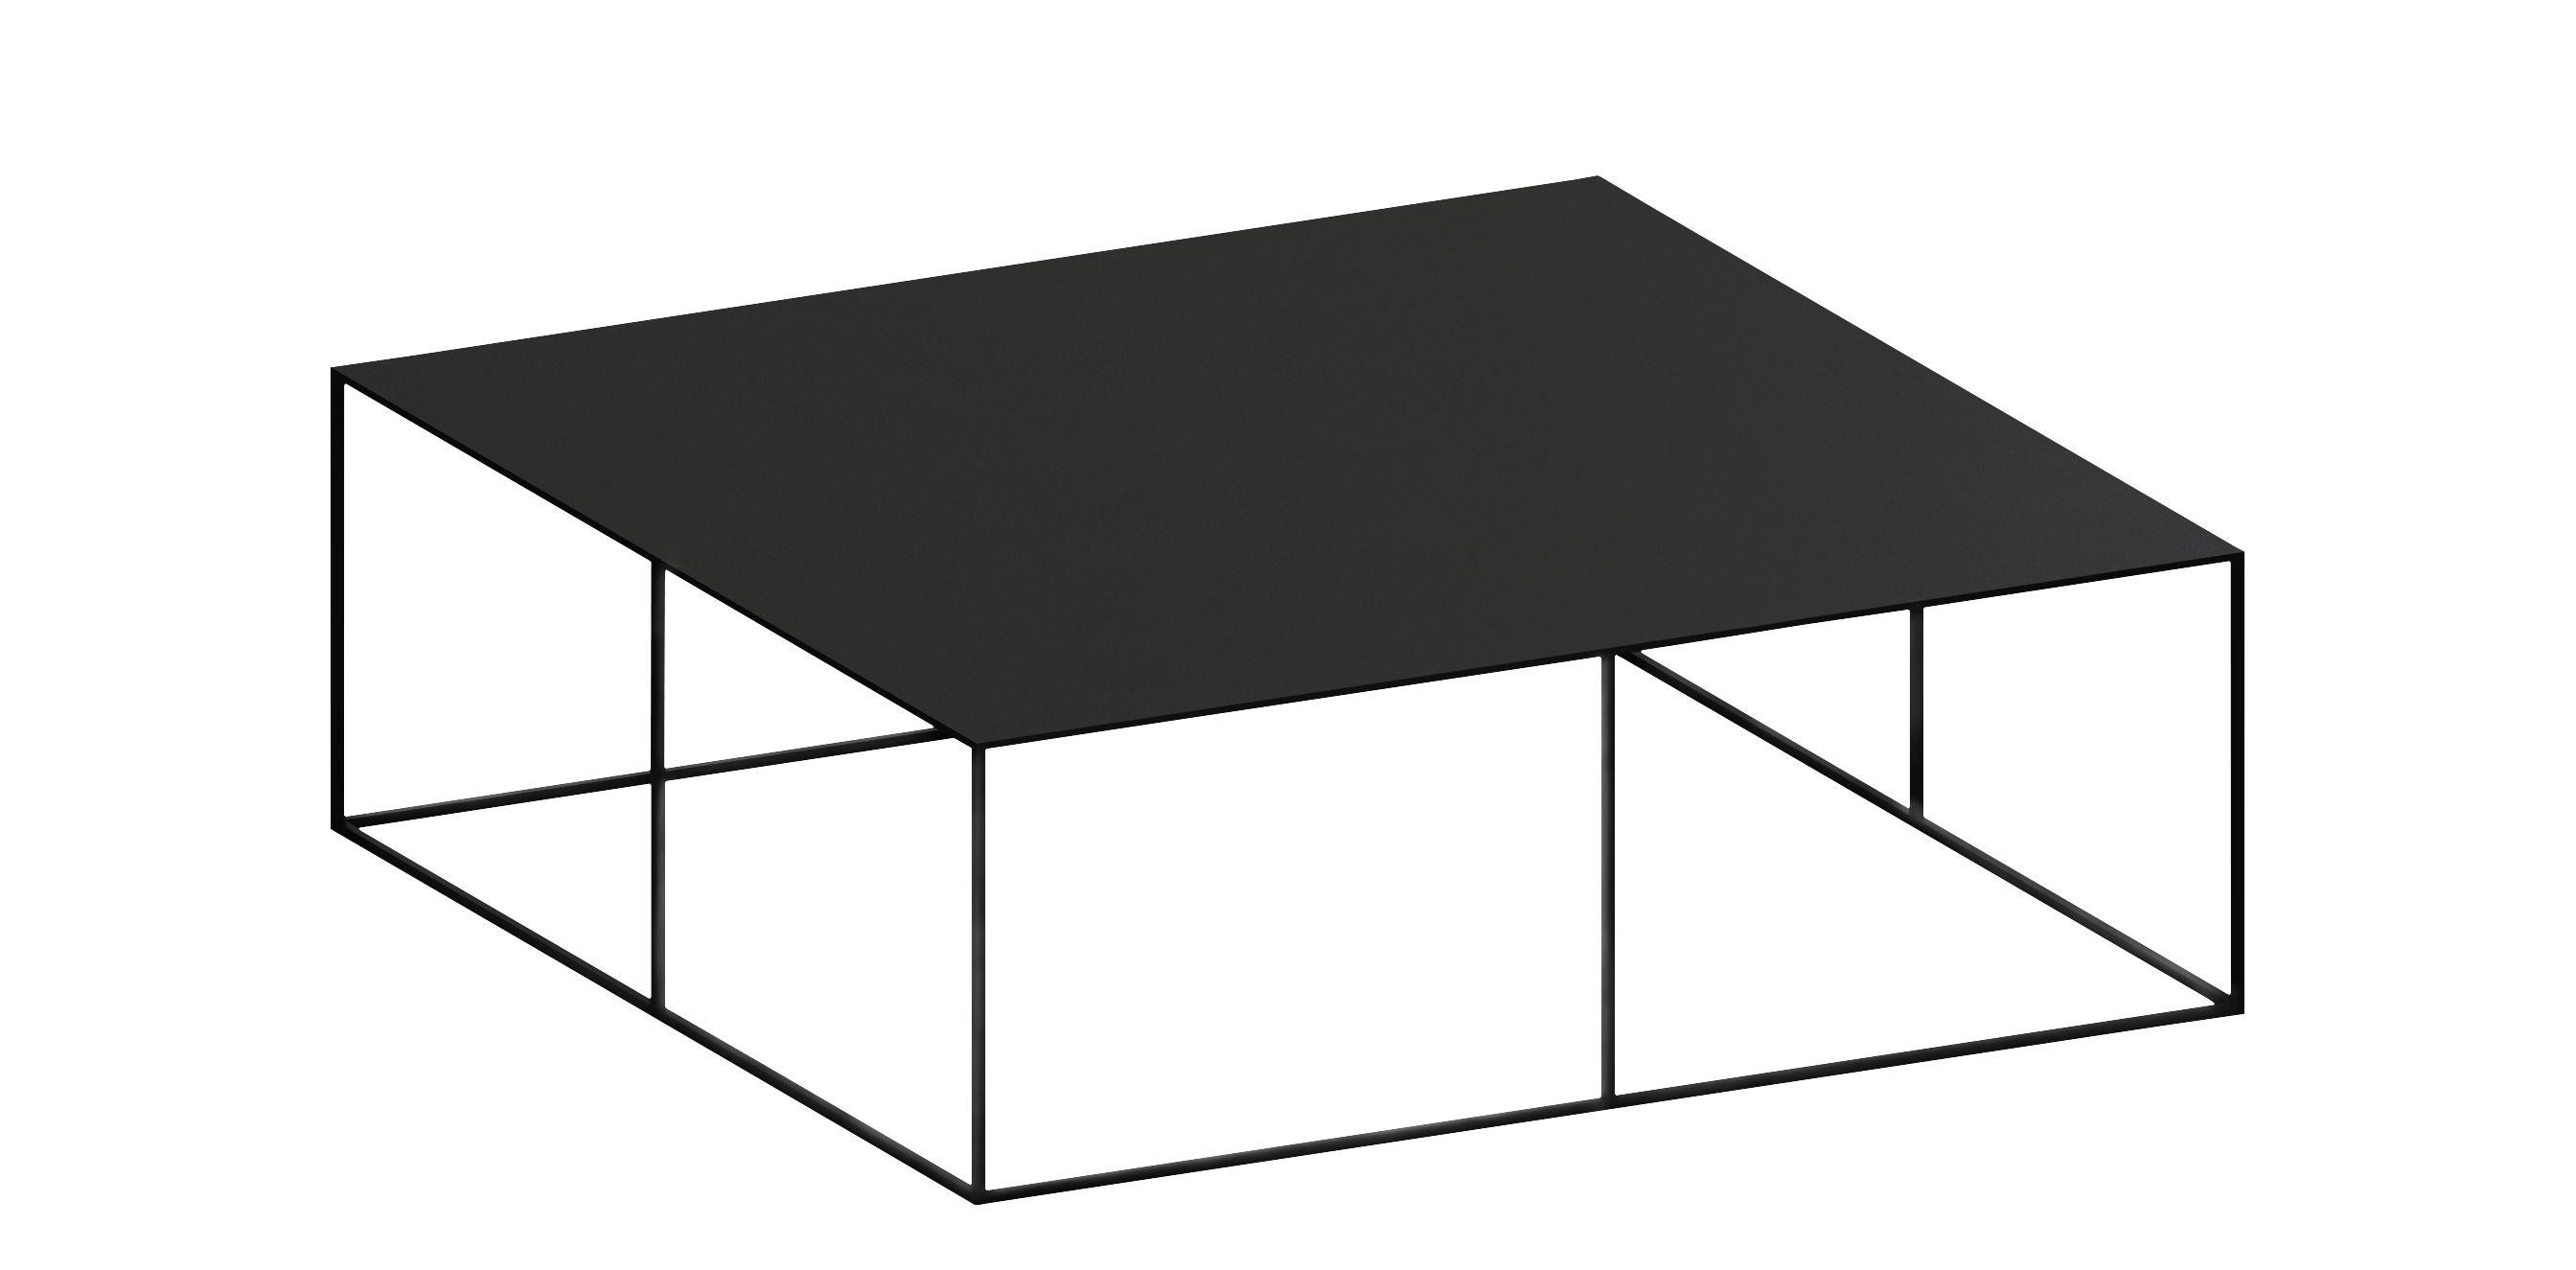 Möbel - Couchtische - Slim Irony Couchtisch / 100 x 100 x H 34 cm - Zeus - Schwarzbraun - bemalter Stahl